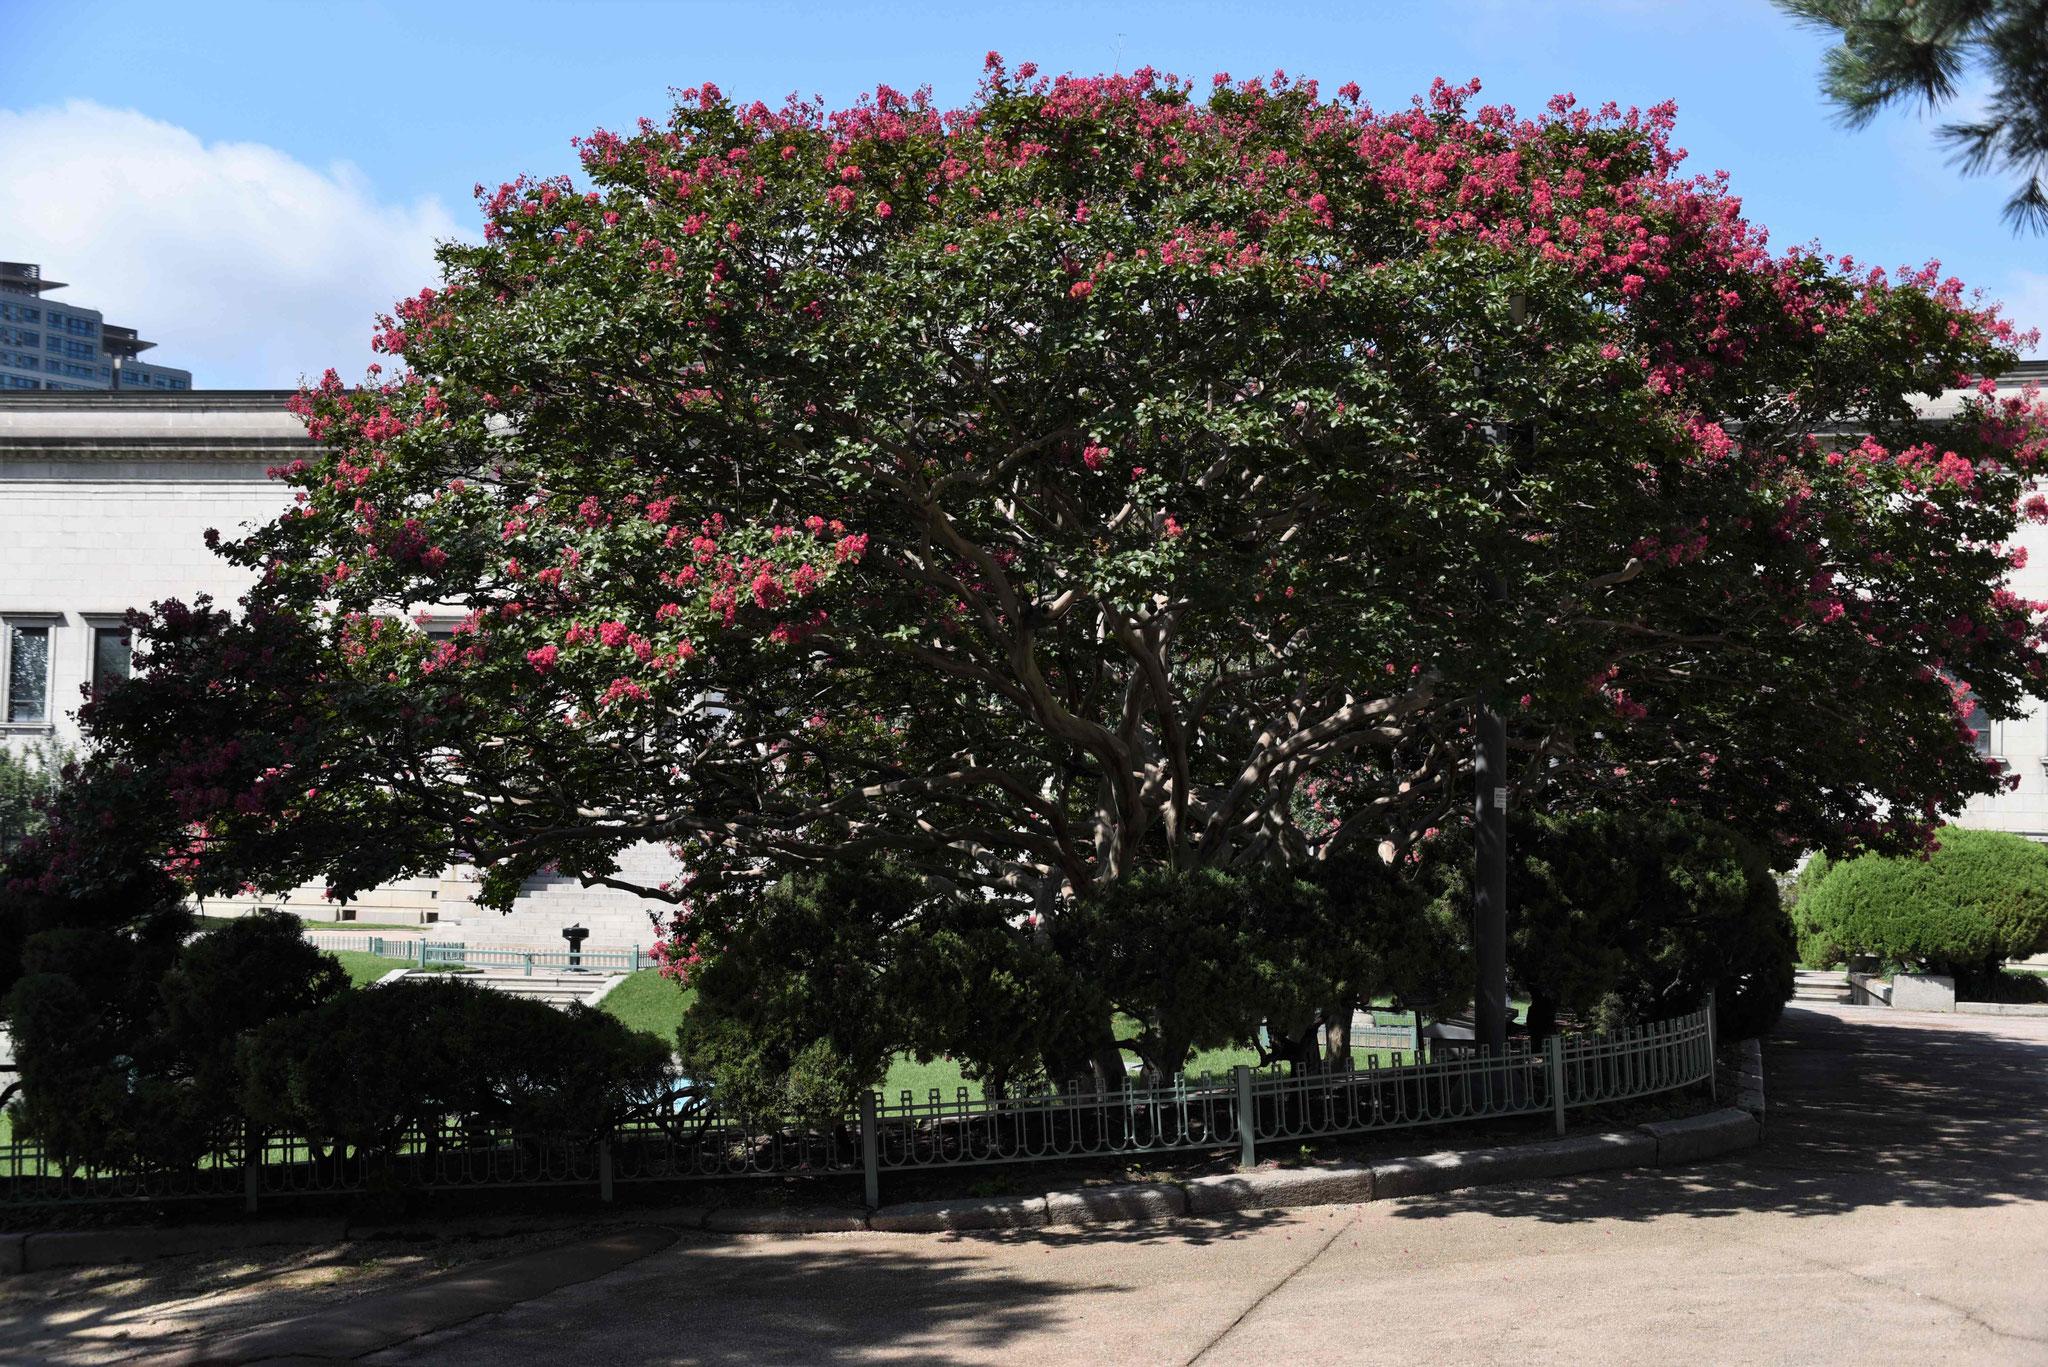 Wunderschöner schattenspendender Baum